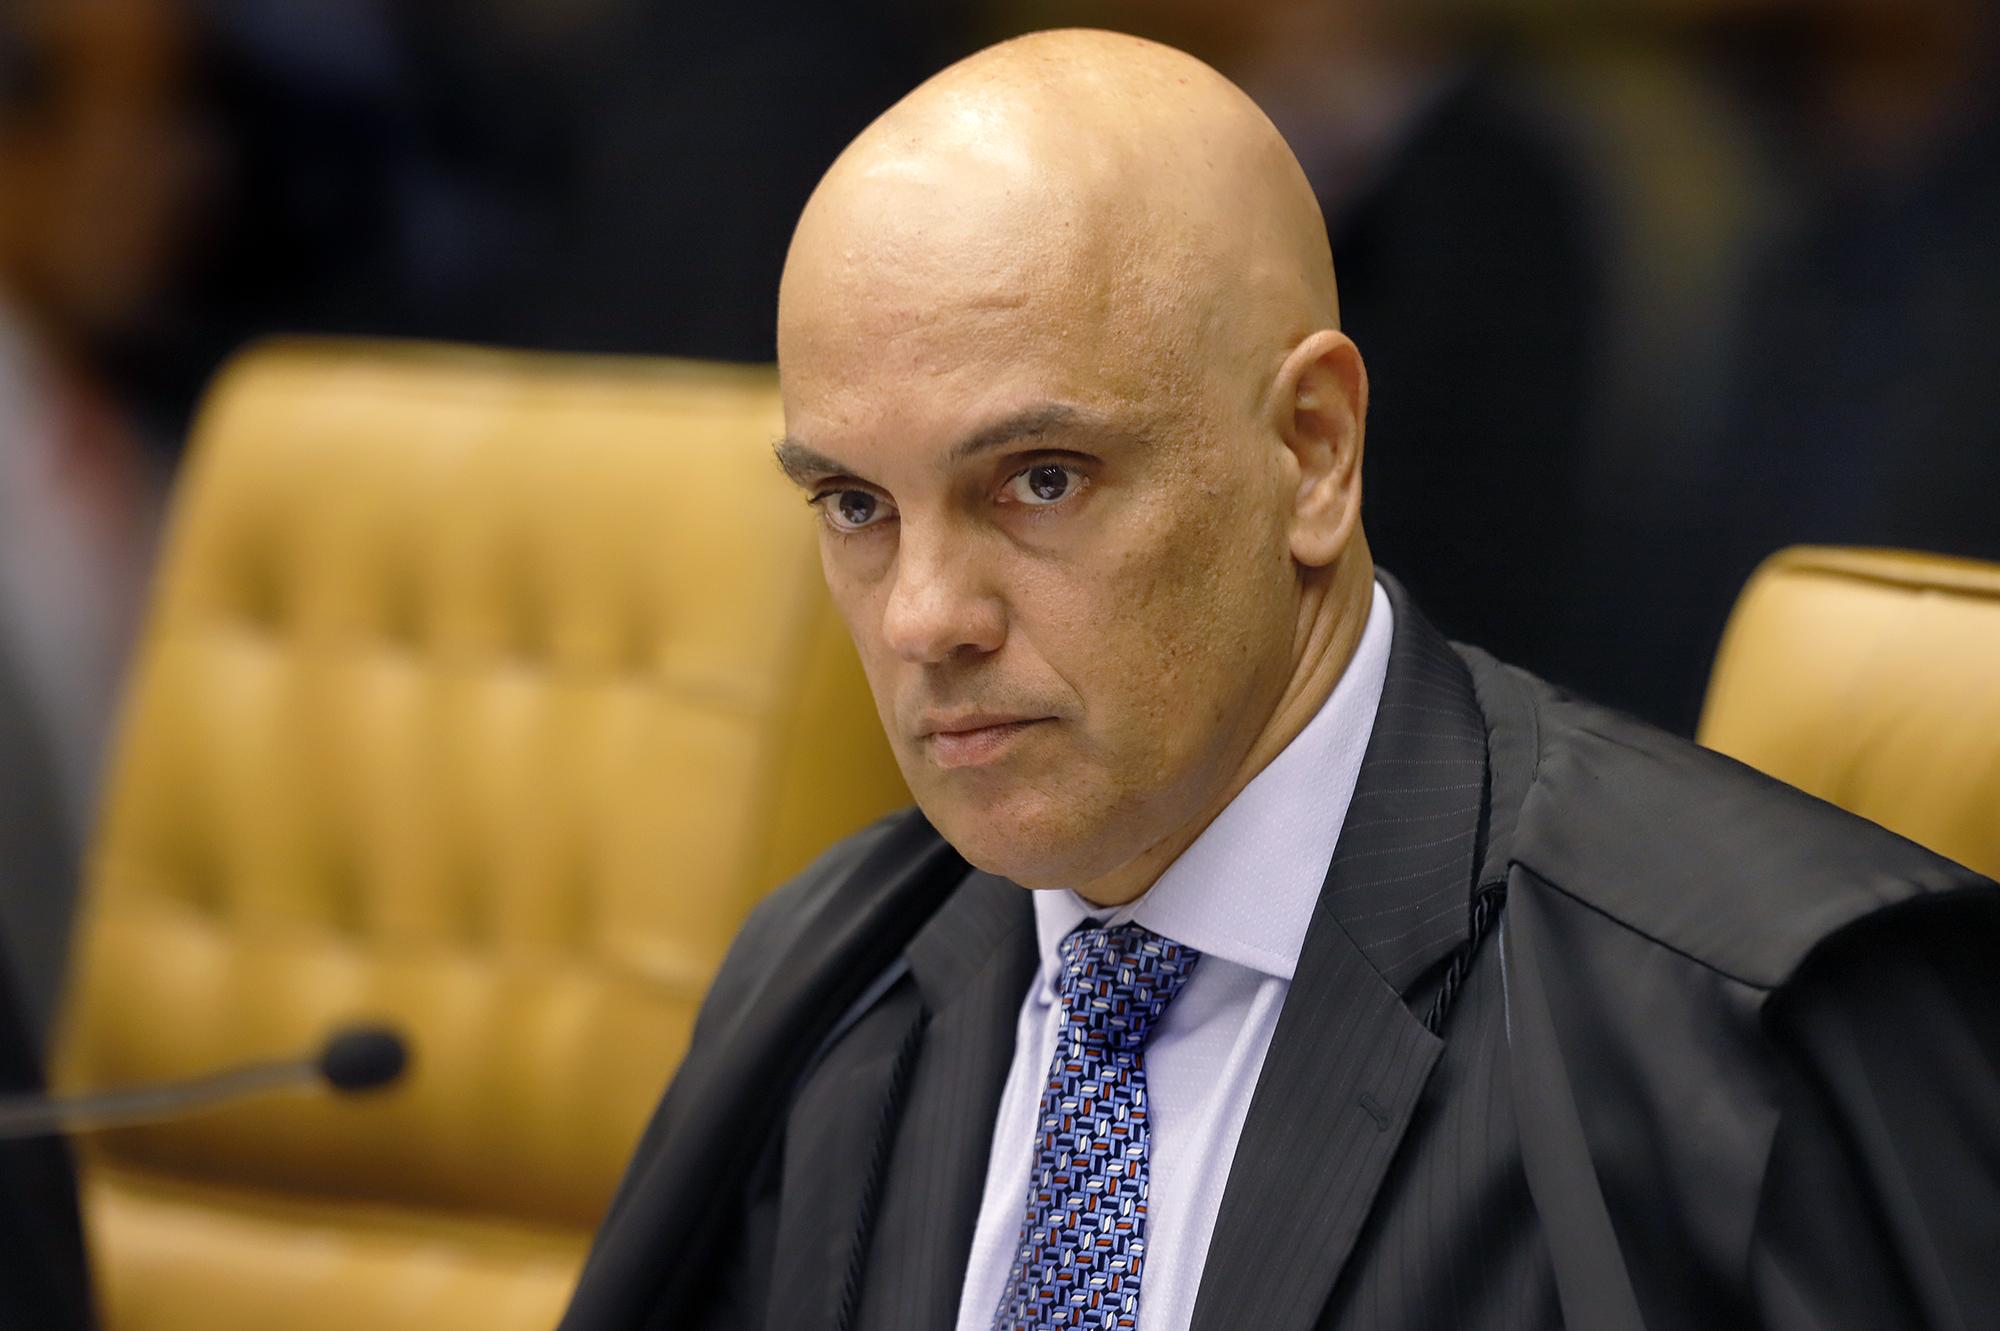 Ministro Alexandre de Moraes, mantém suspensão da nomeação de Ramagem à direção da PF